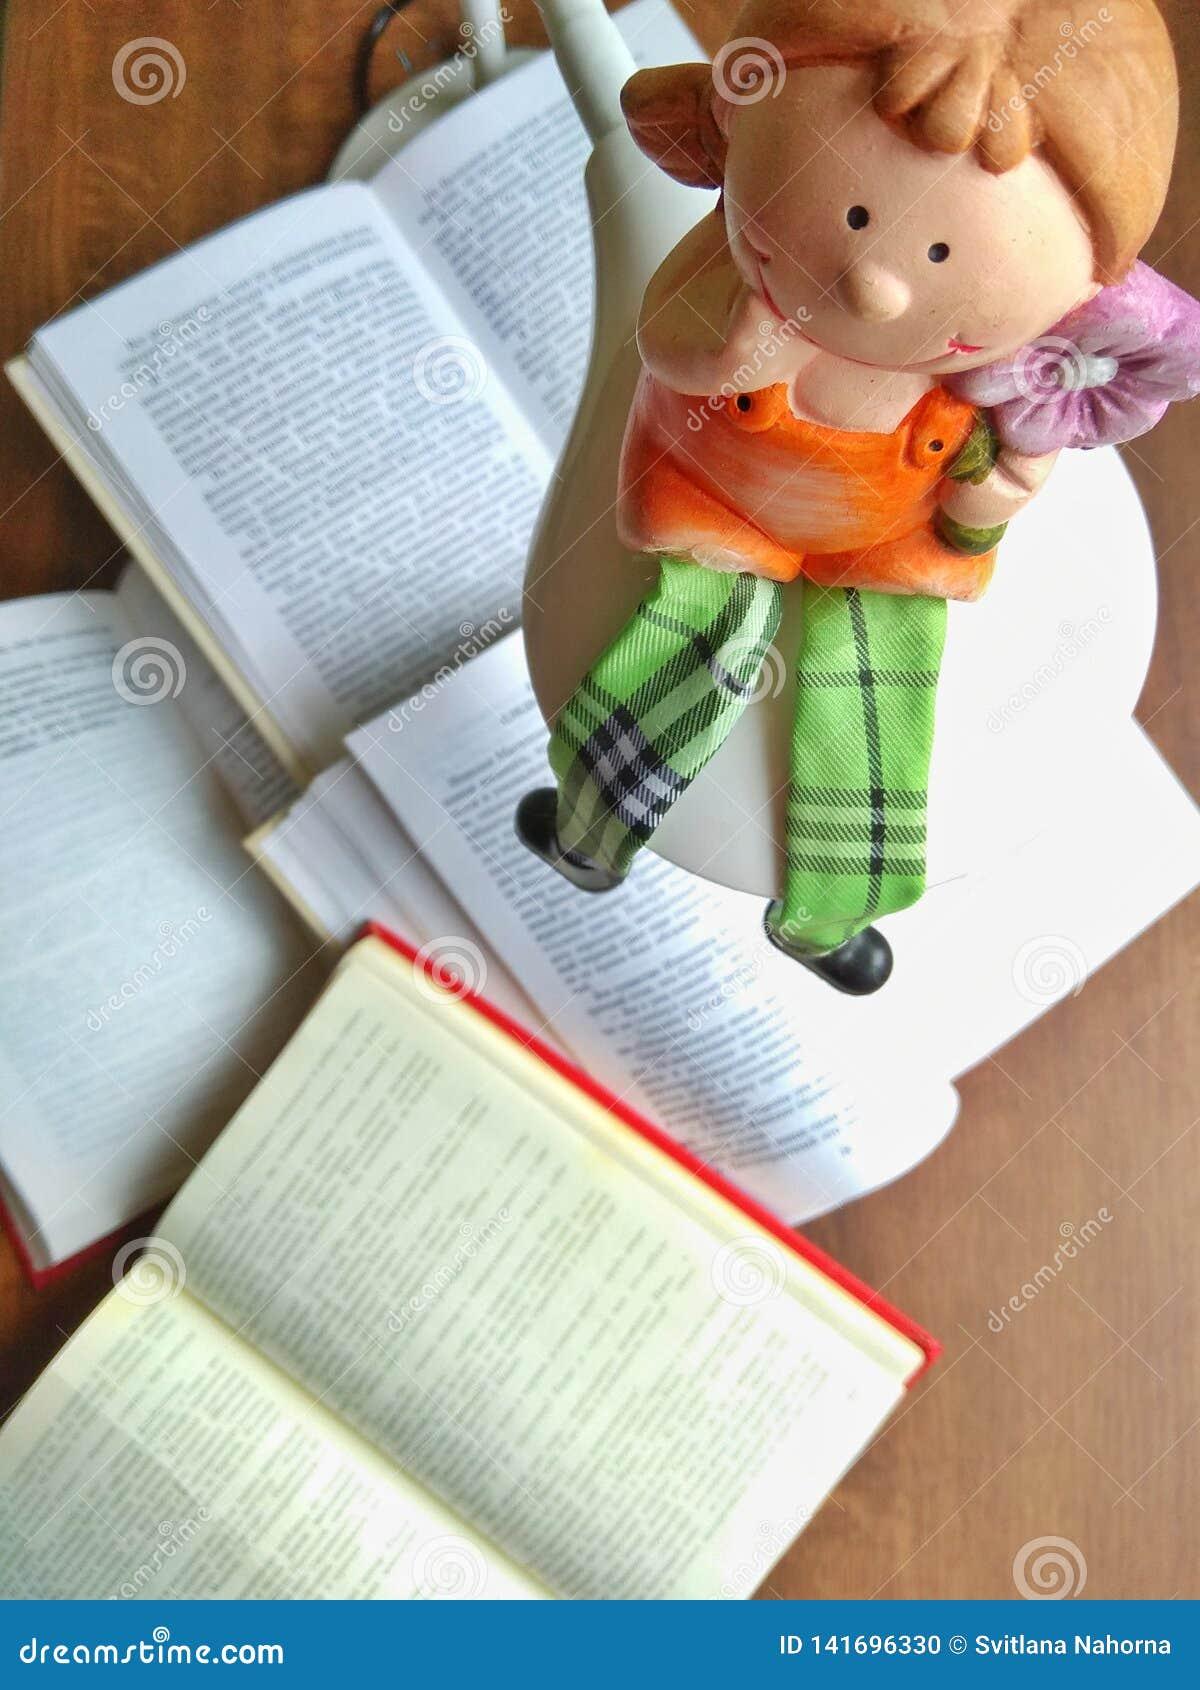 La muñeca de la arcilla se sienta en la lámpara Muchos libros abiertos en una tabla de madera